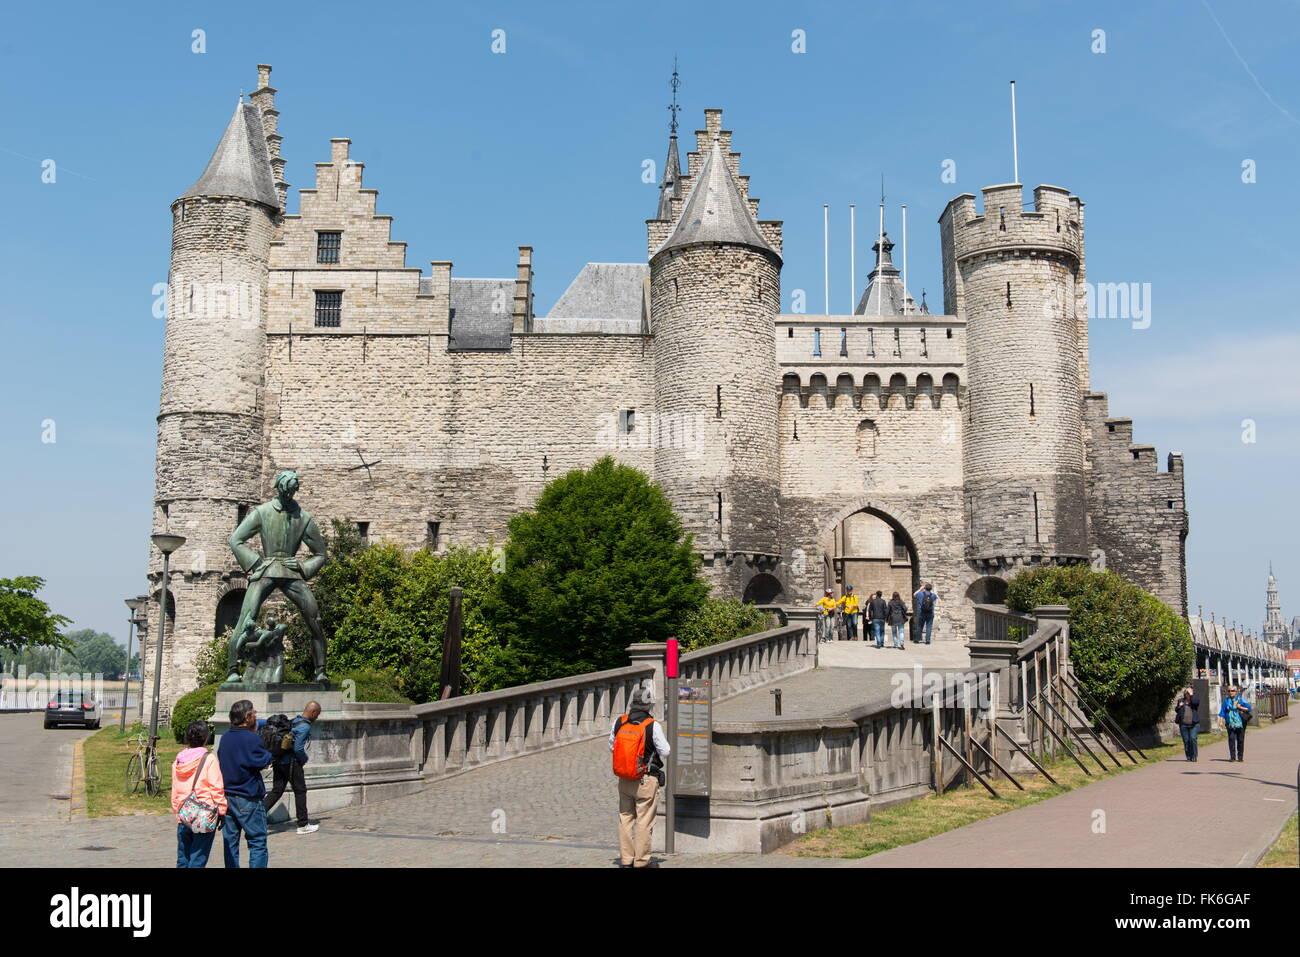 Het Steen, a medieval fortress in Antwerp, Belgium, Europe - Stock Image